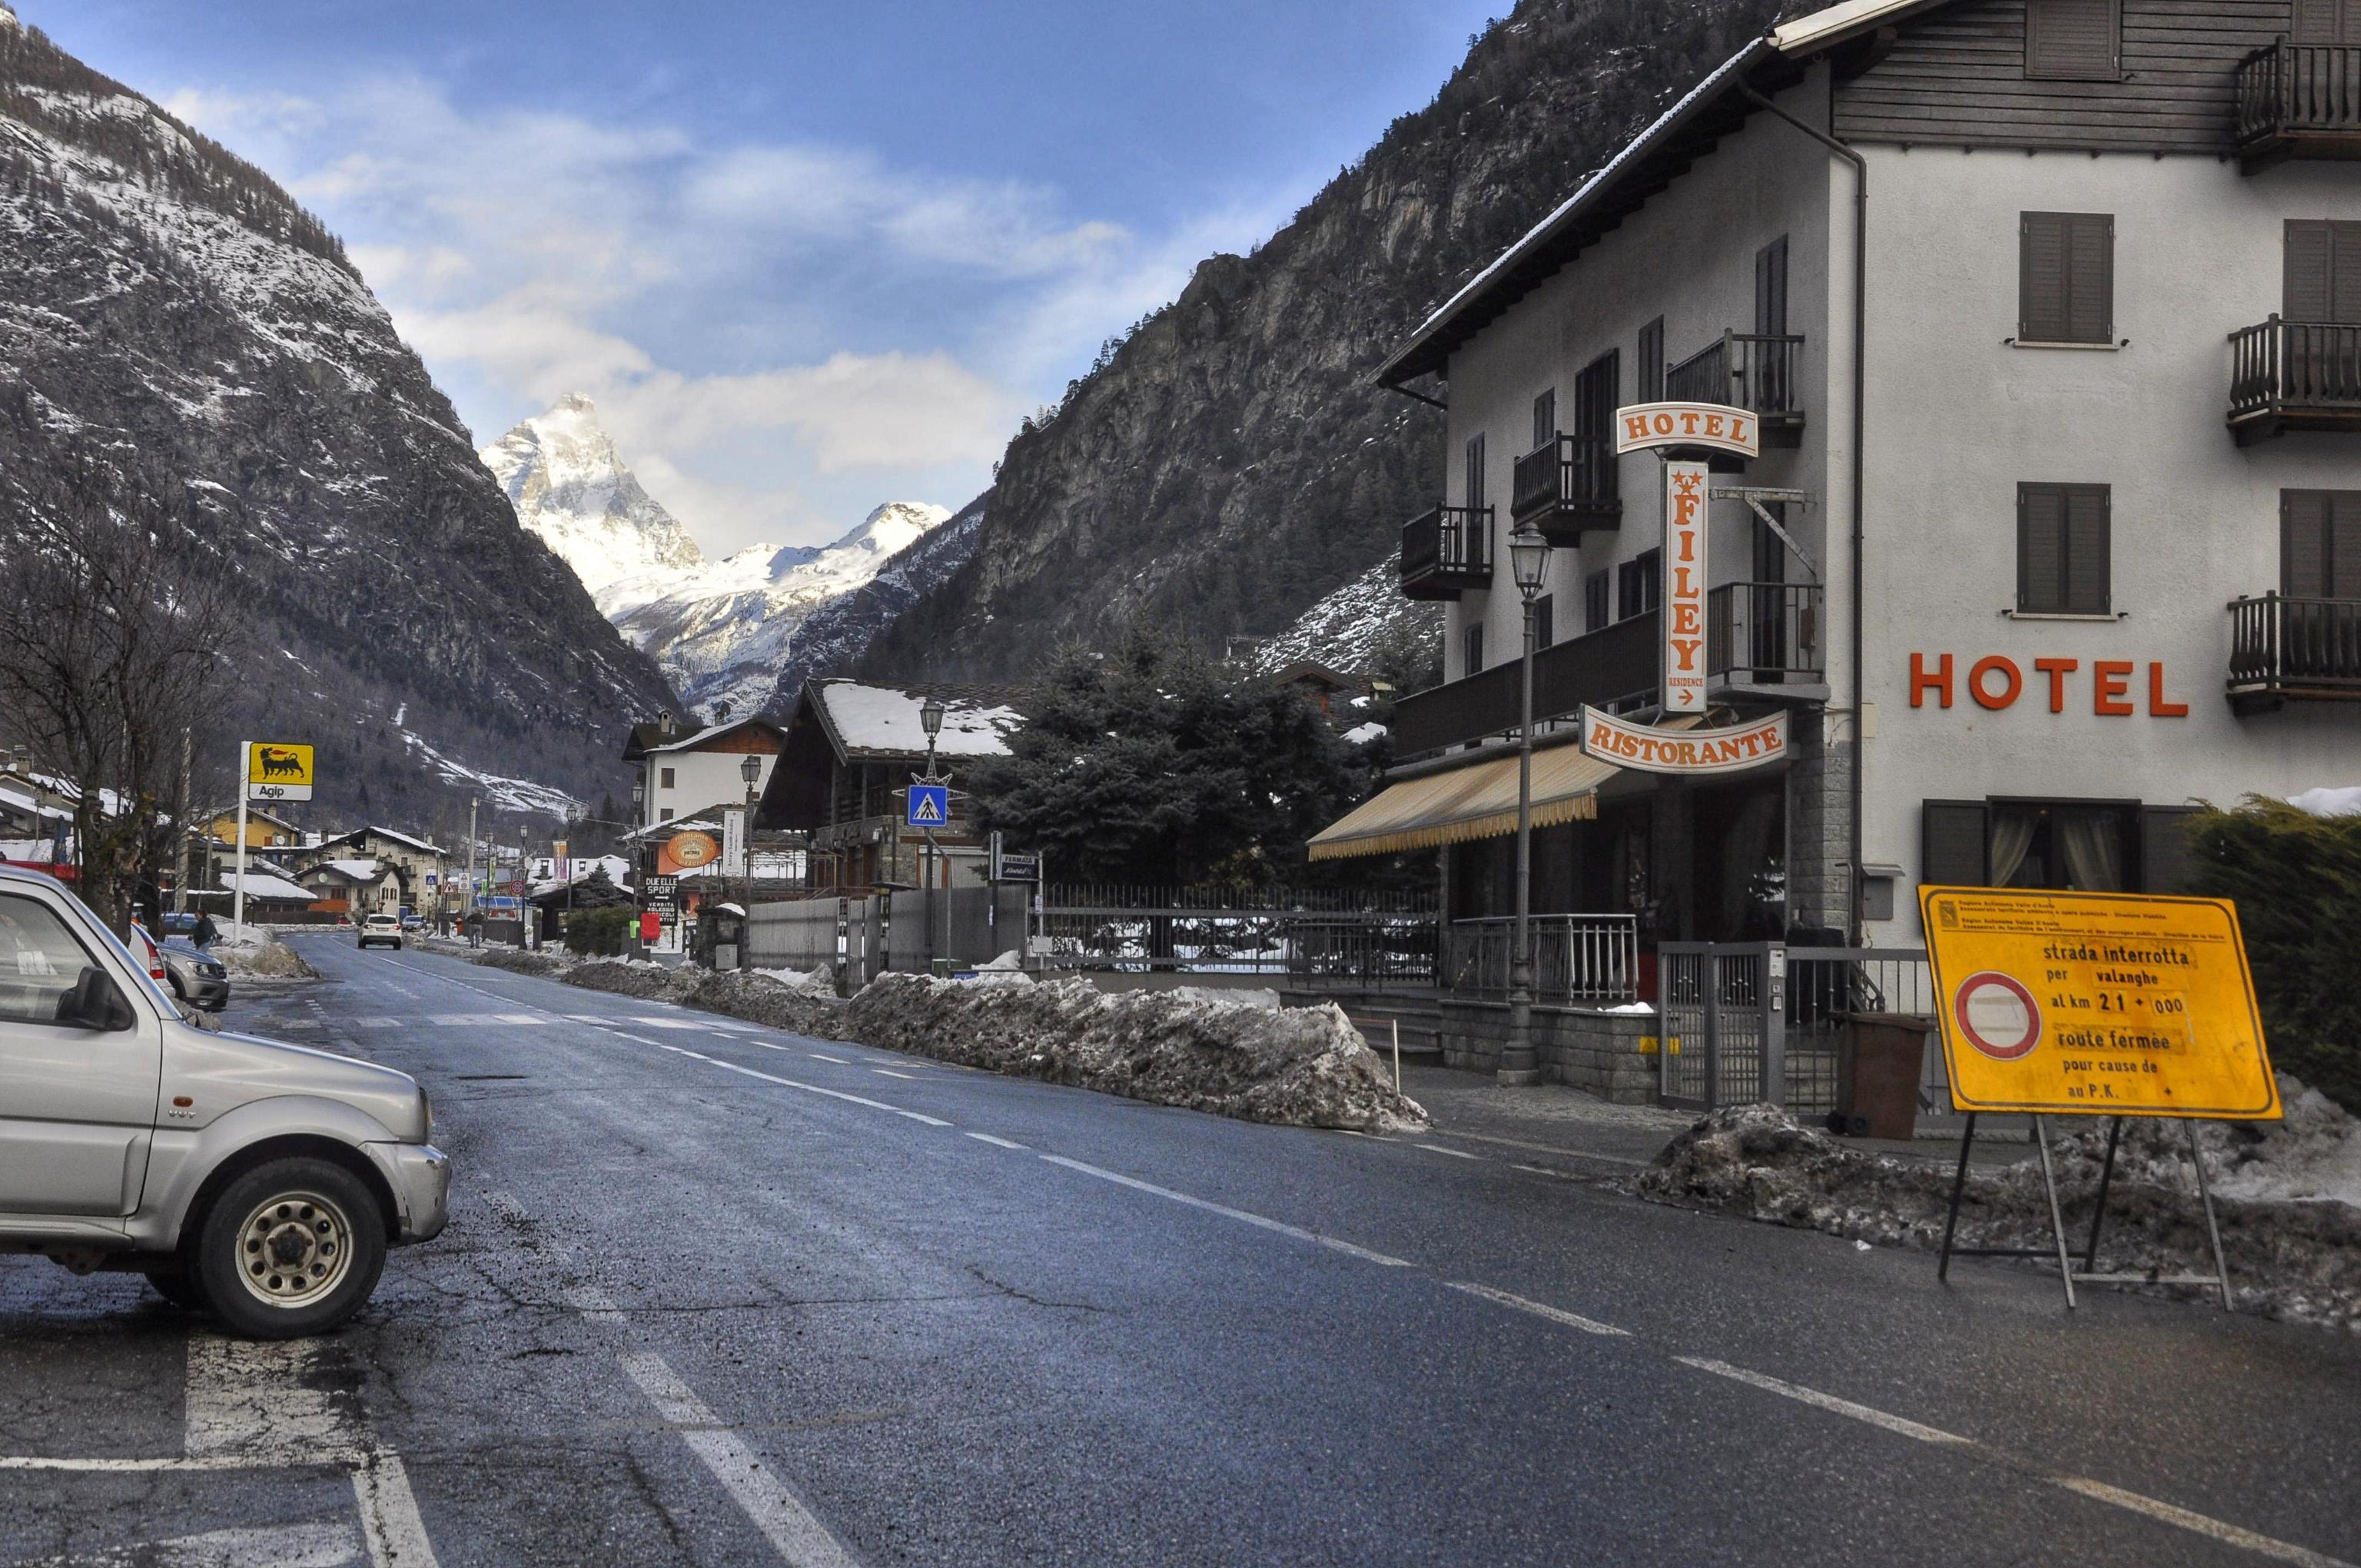 Pericolo valanghe, chiusa anche la strada Valtournenche, Breuil-Cervinia